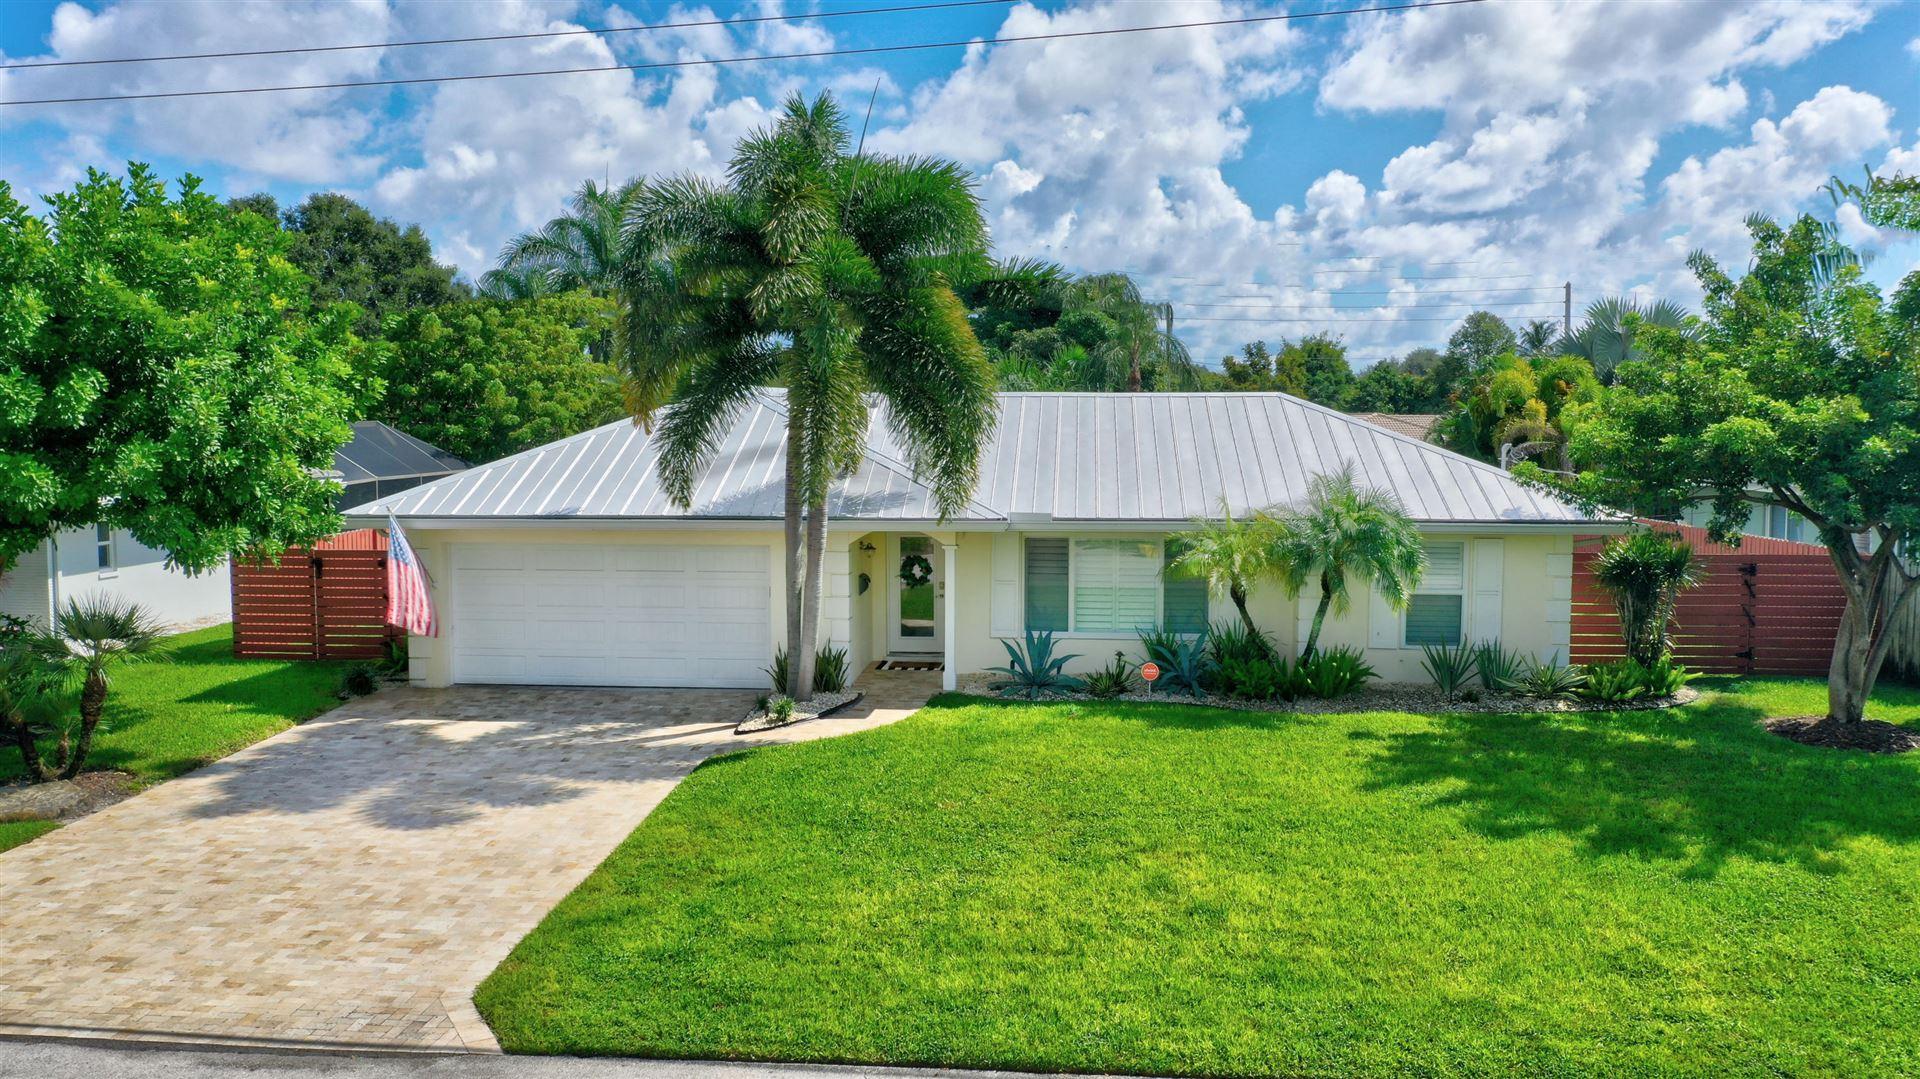 336 NW 11th Avenue, Boca Raton, FL 33486 - #: RX-10663395